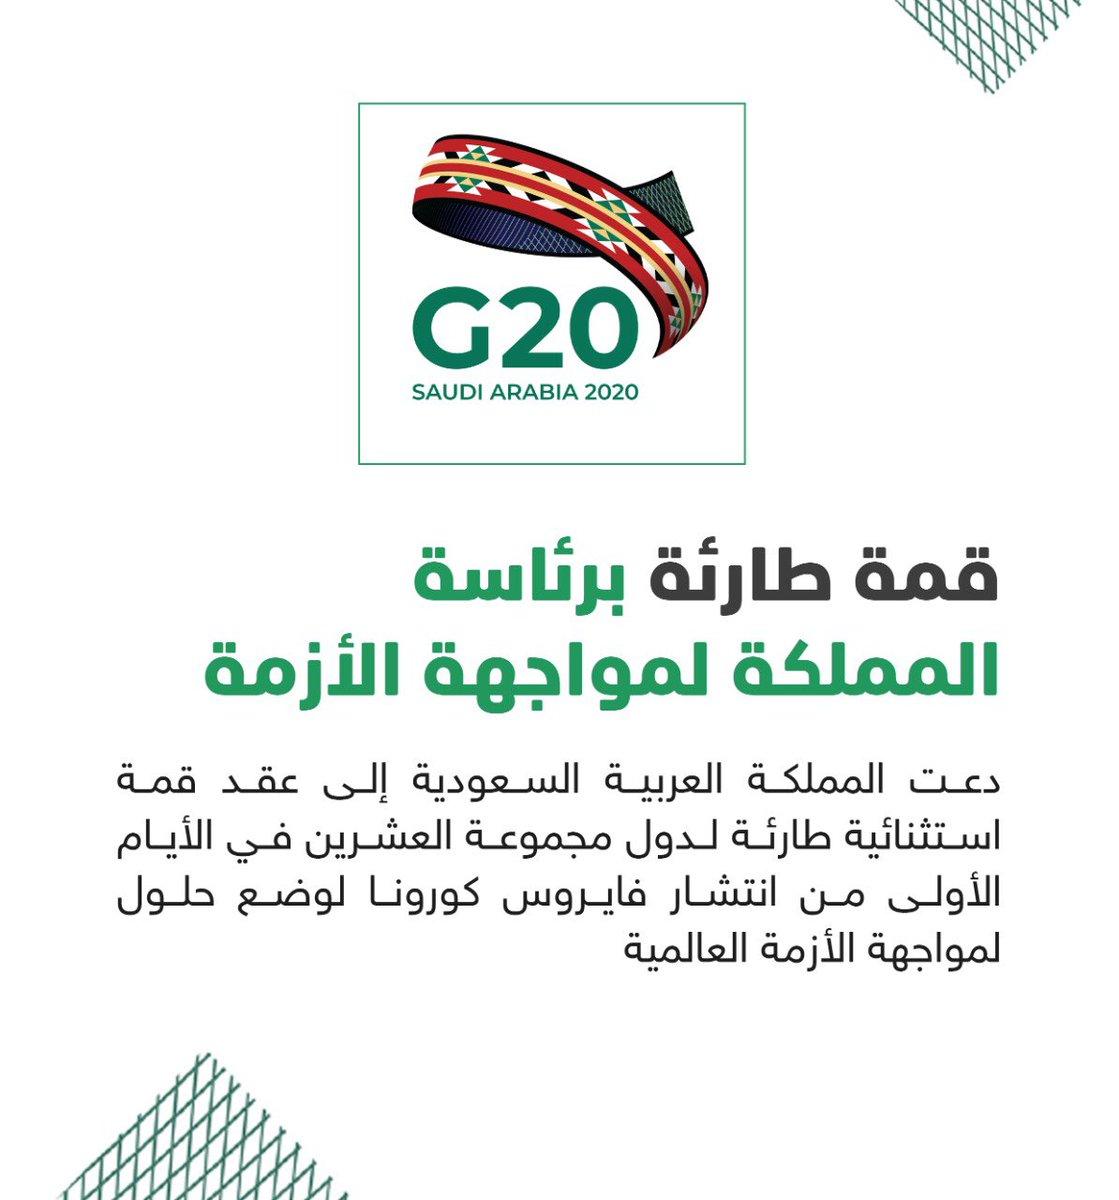 السعودية تقدمت بشكل كبير في مراتبها بين دول مجموعة العشرين وهالشي يثبت صحة قراراتها الاقتصادية، النجاح الاخر هو باستضافة قمة العشرين في هذه الظروف. #نجاح_قمة_العشرين_بالسعودية